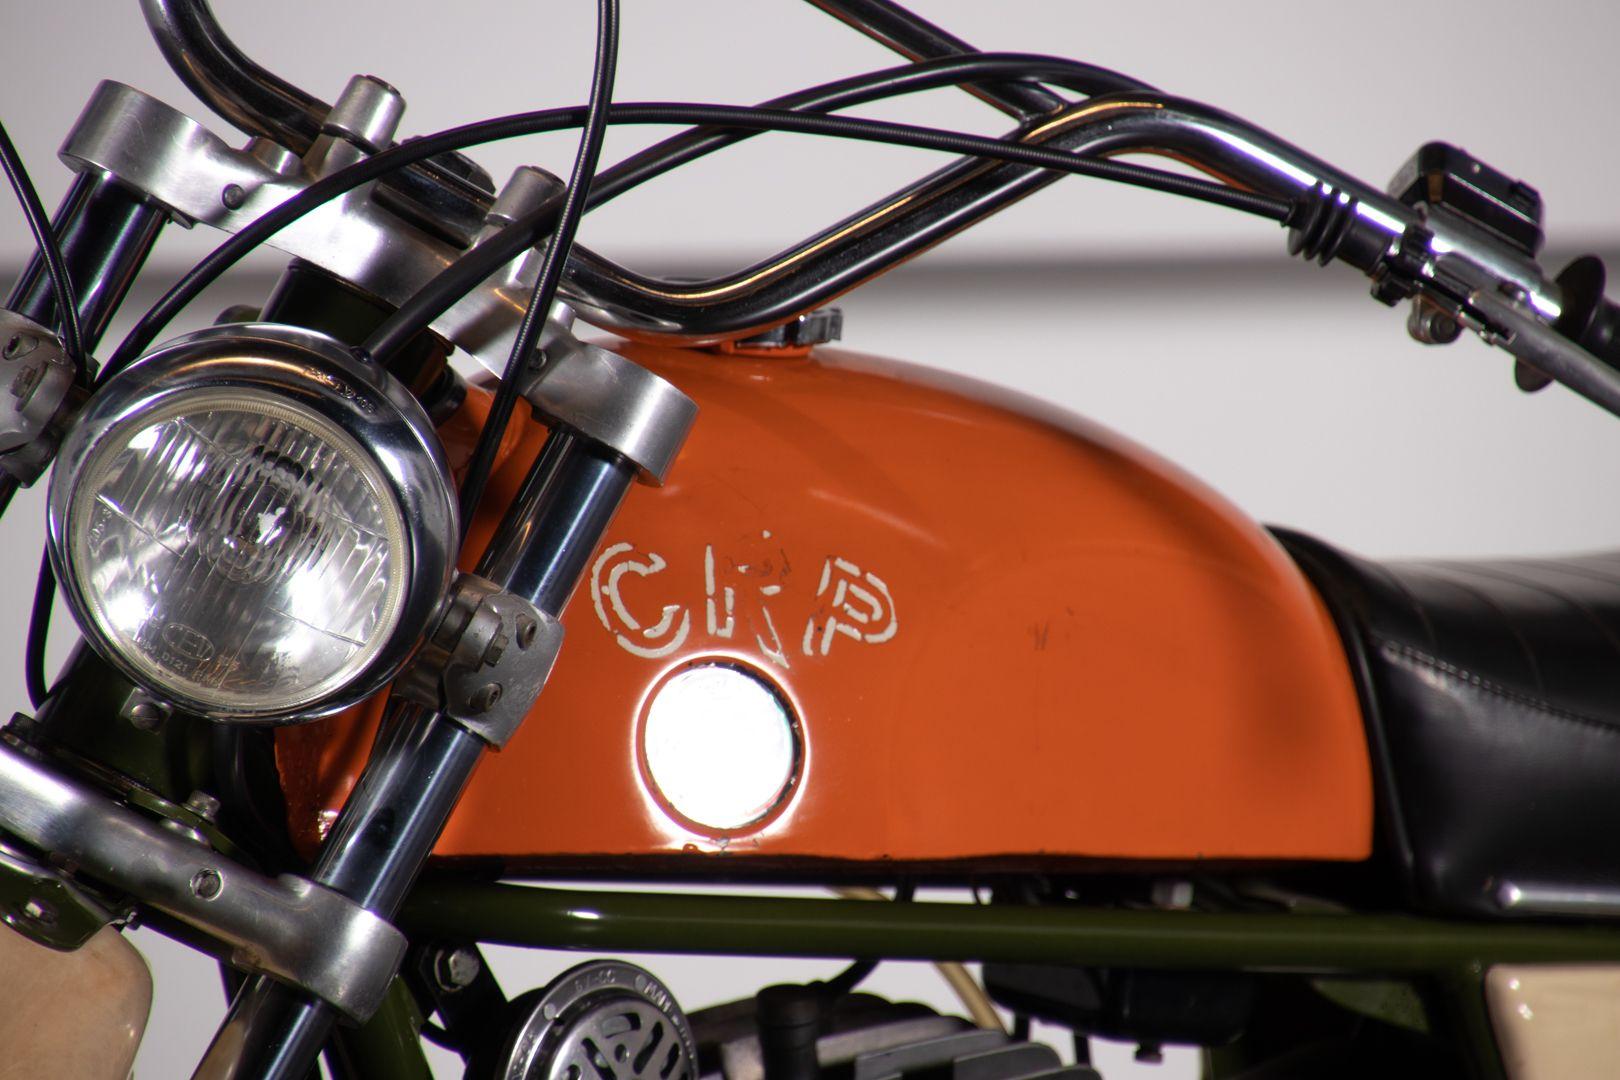 1976 RIZZATO TR 125 49462